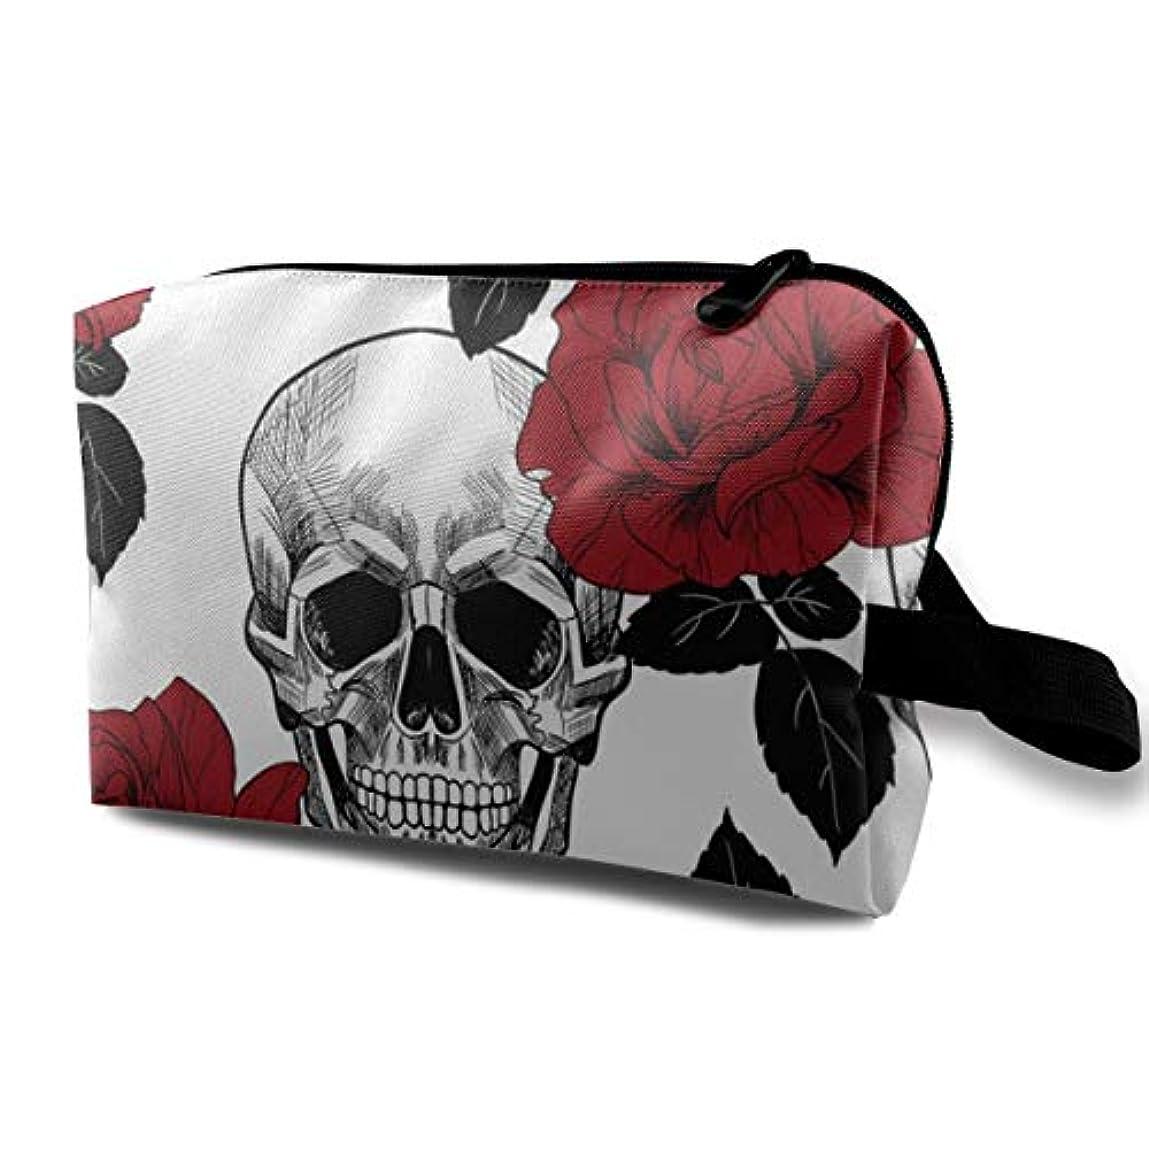 アームストロング増幅する無許可Skull Red Rose 収納ポーチ 化粧ポーチ 大容量 軽量 耐久性 ハンドル付持ち運び便利。入れ 自宅?出張?旅行?アウトドア撮影などに対応。メンズ レディース トラベルグッズ